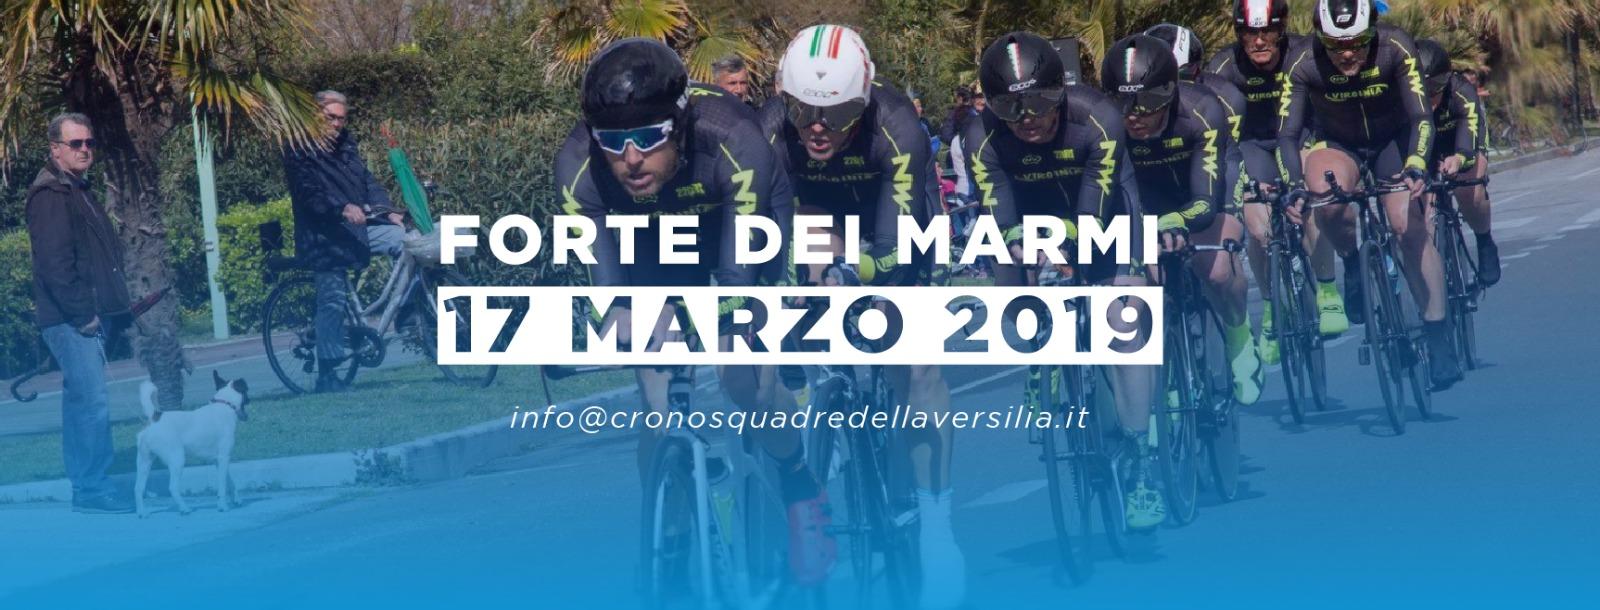 Cronosquadre della Versilia Michele Bartoli